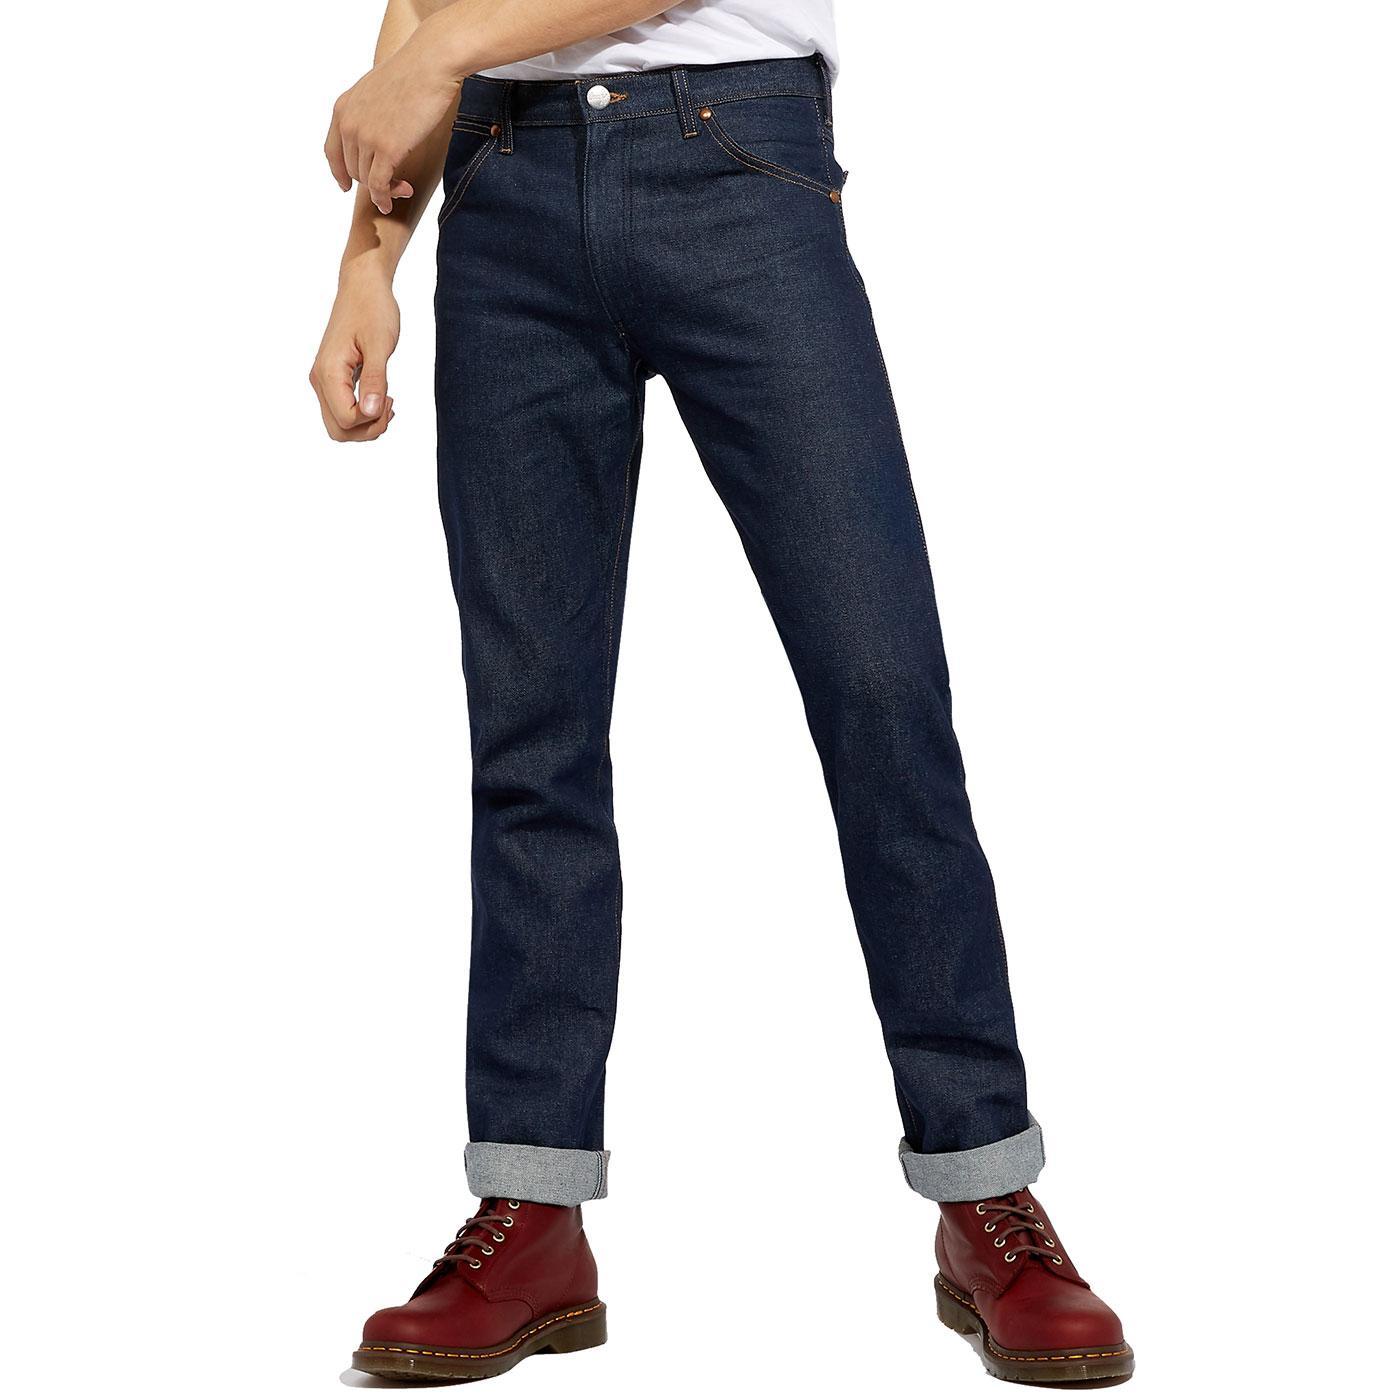 11MWZ WRANGLER Western 60's Retro Slim Jeans